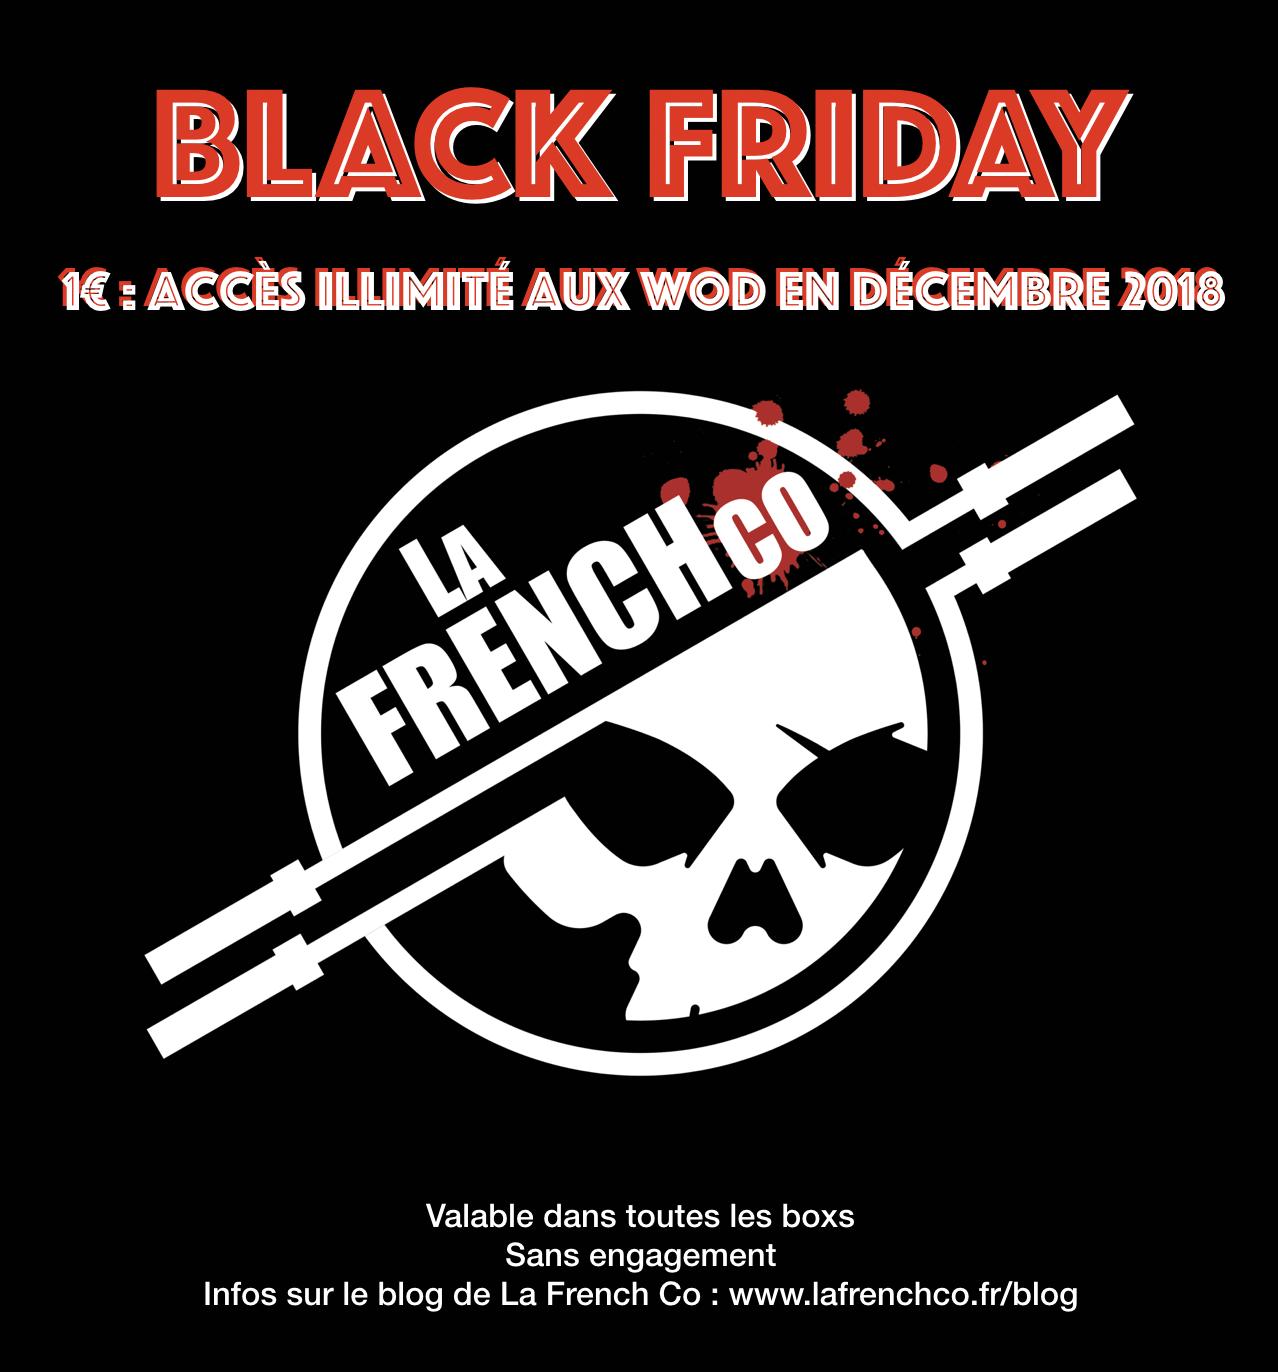 Black Friday 2018 : Accès illimité en décembre 2018 pour 1€